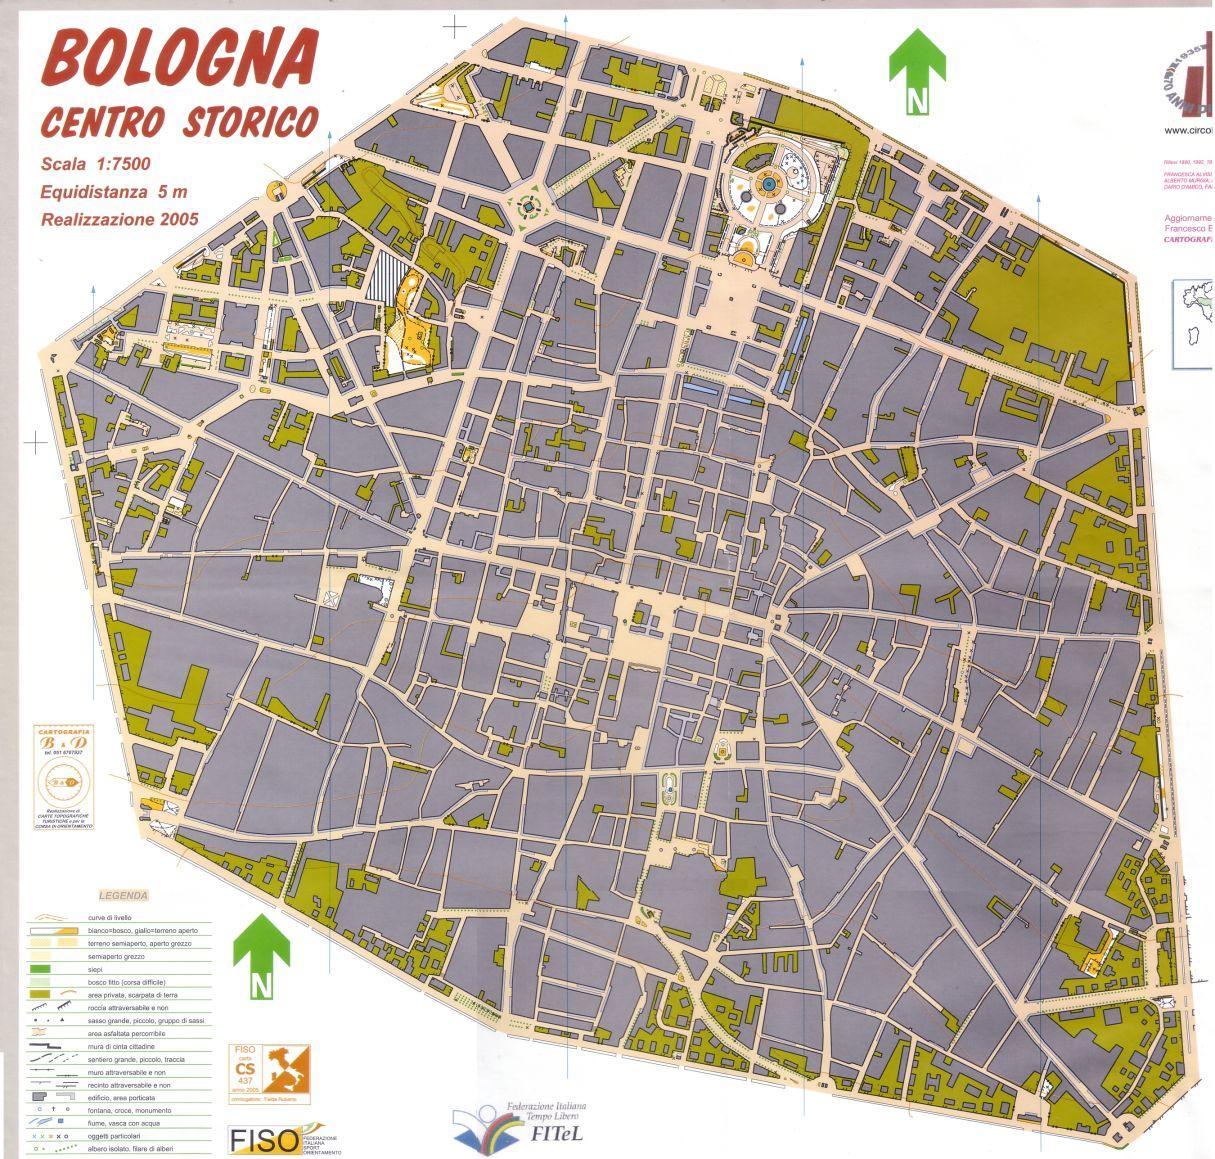 bologna centro storico immagini buon - photo#19